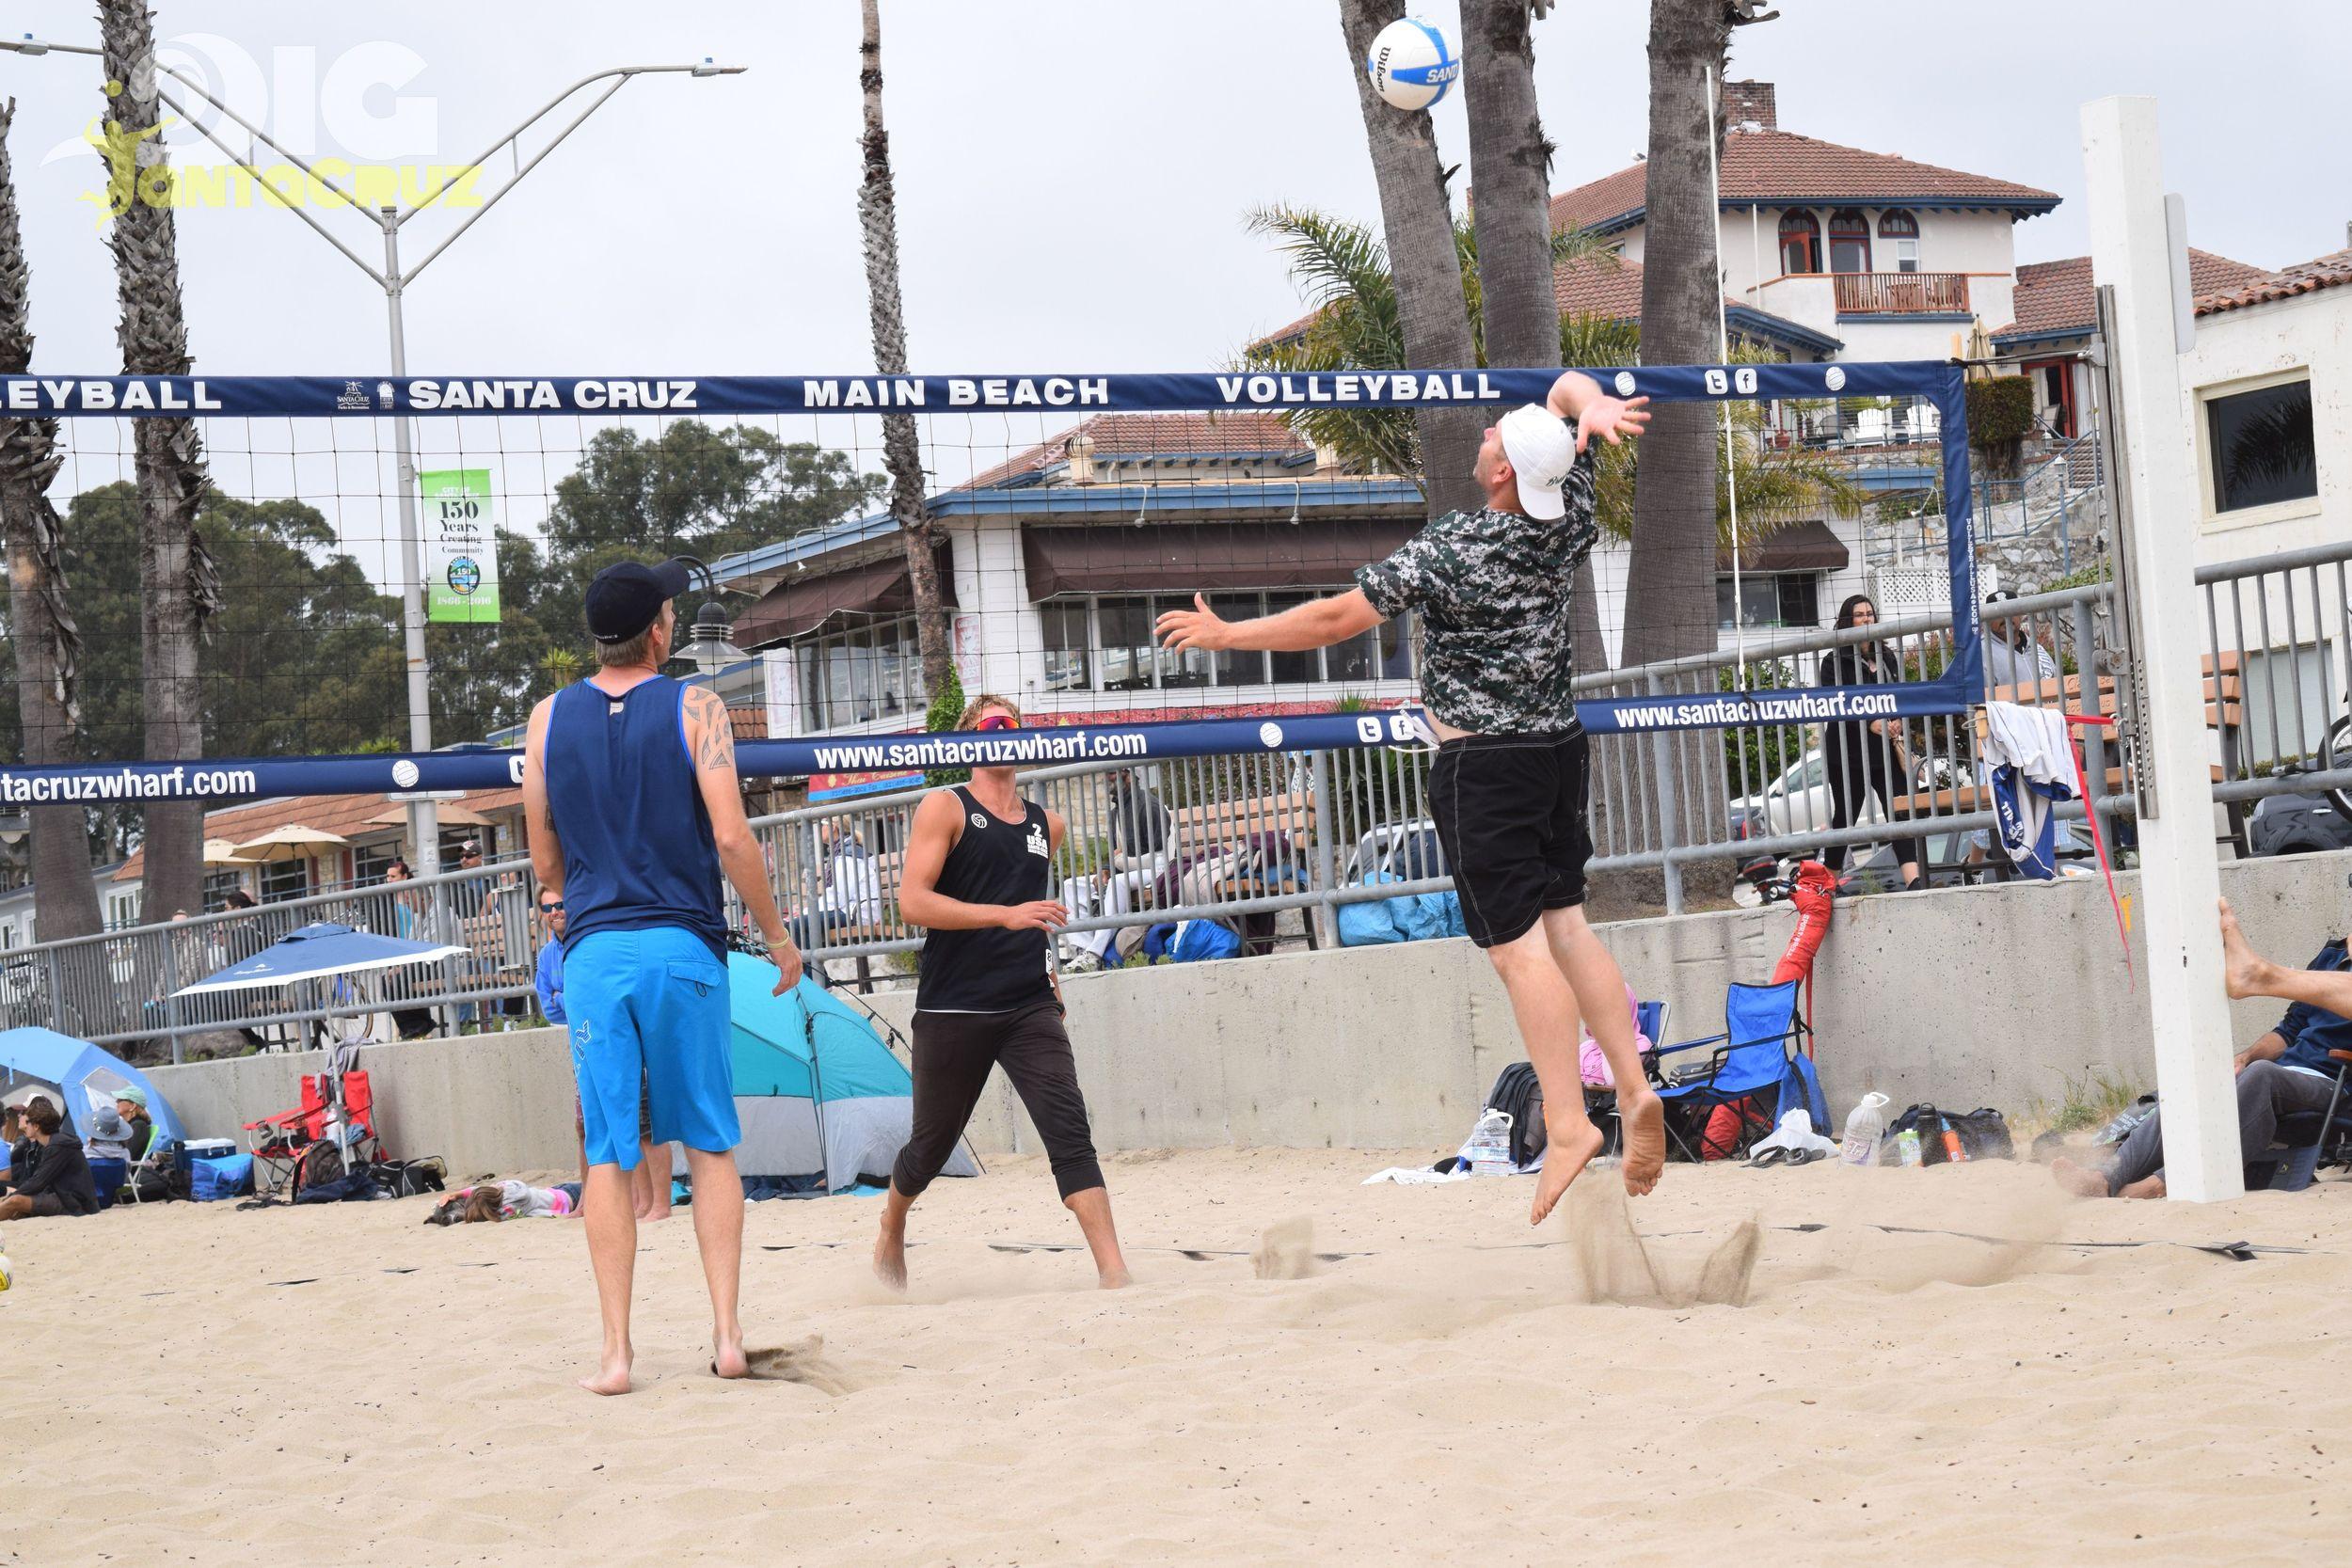 CBVA Tournament 2016-07-02_11-39-54.JPG